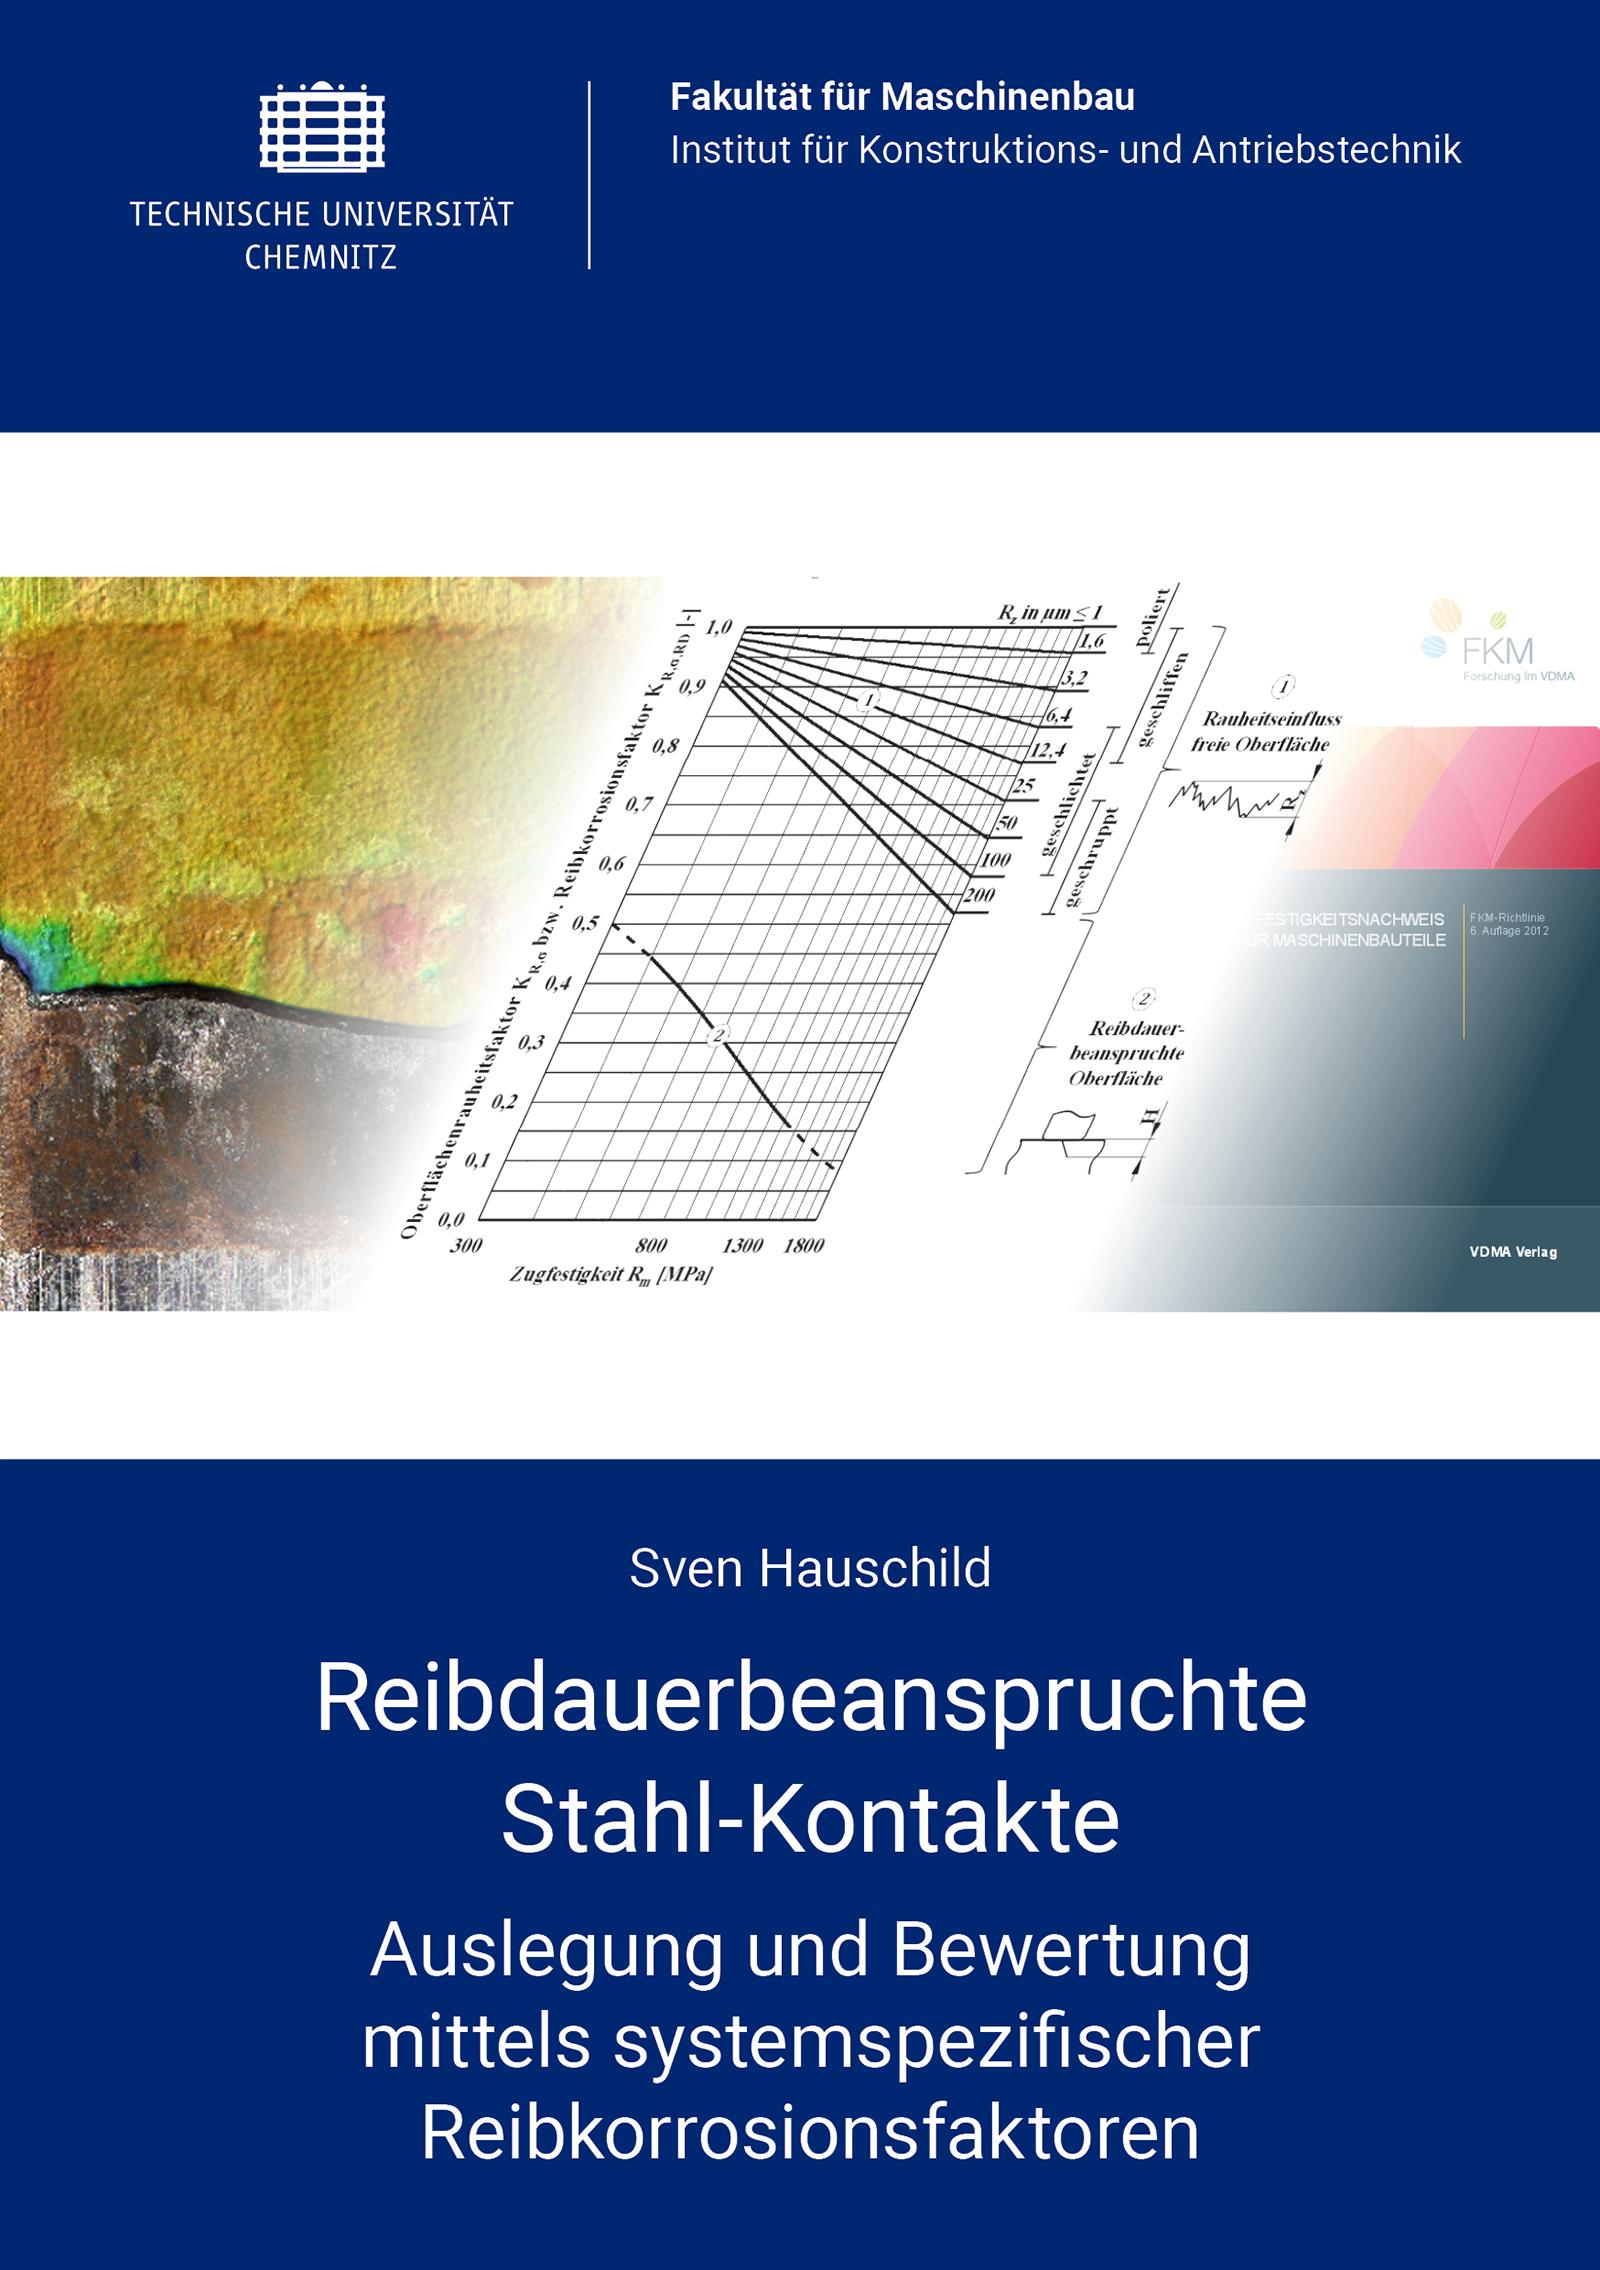 Cover: Reibdauerbeanspruchte Stahl-Kontakte : Auslegung und Bewertung mittels systemspezifischer Reibkorrosionsfaktoren